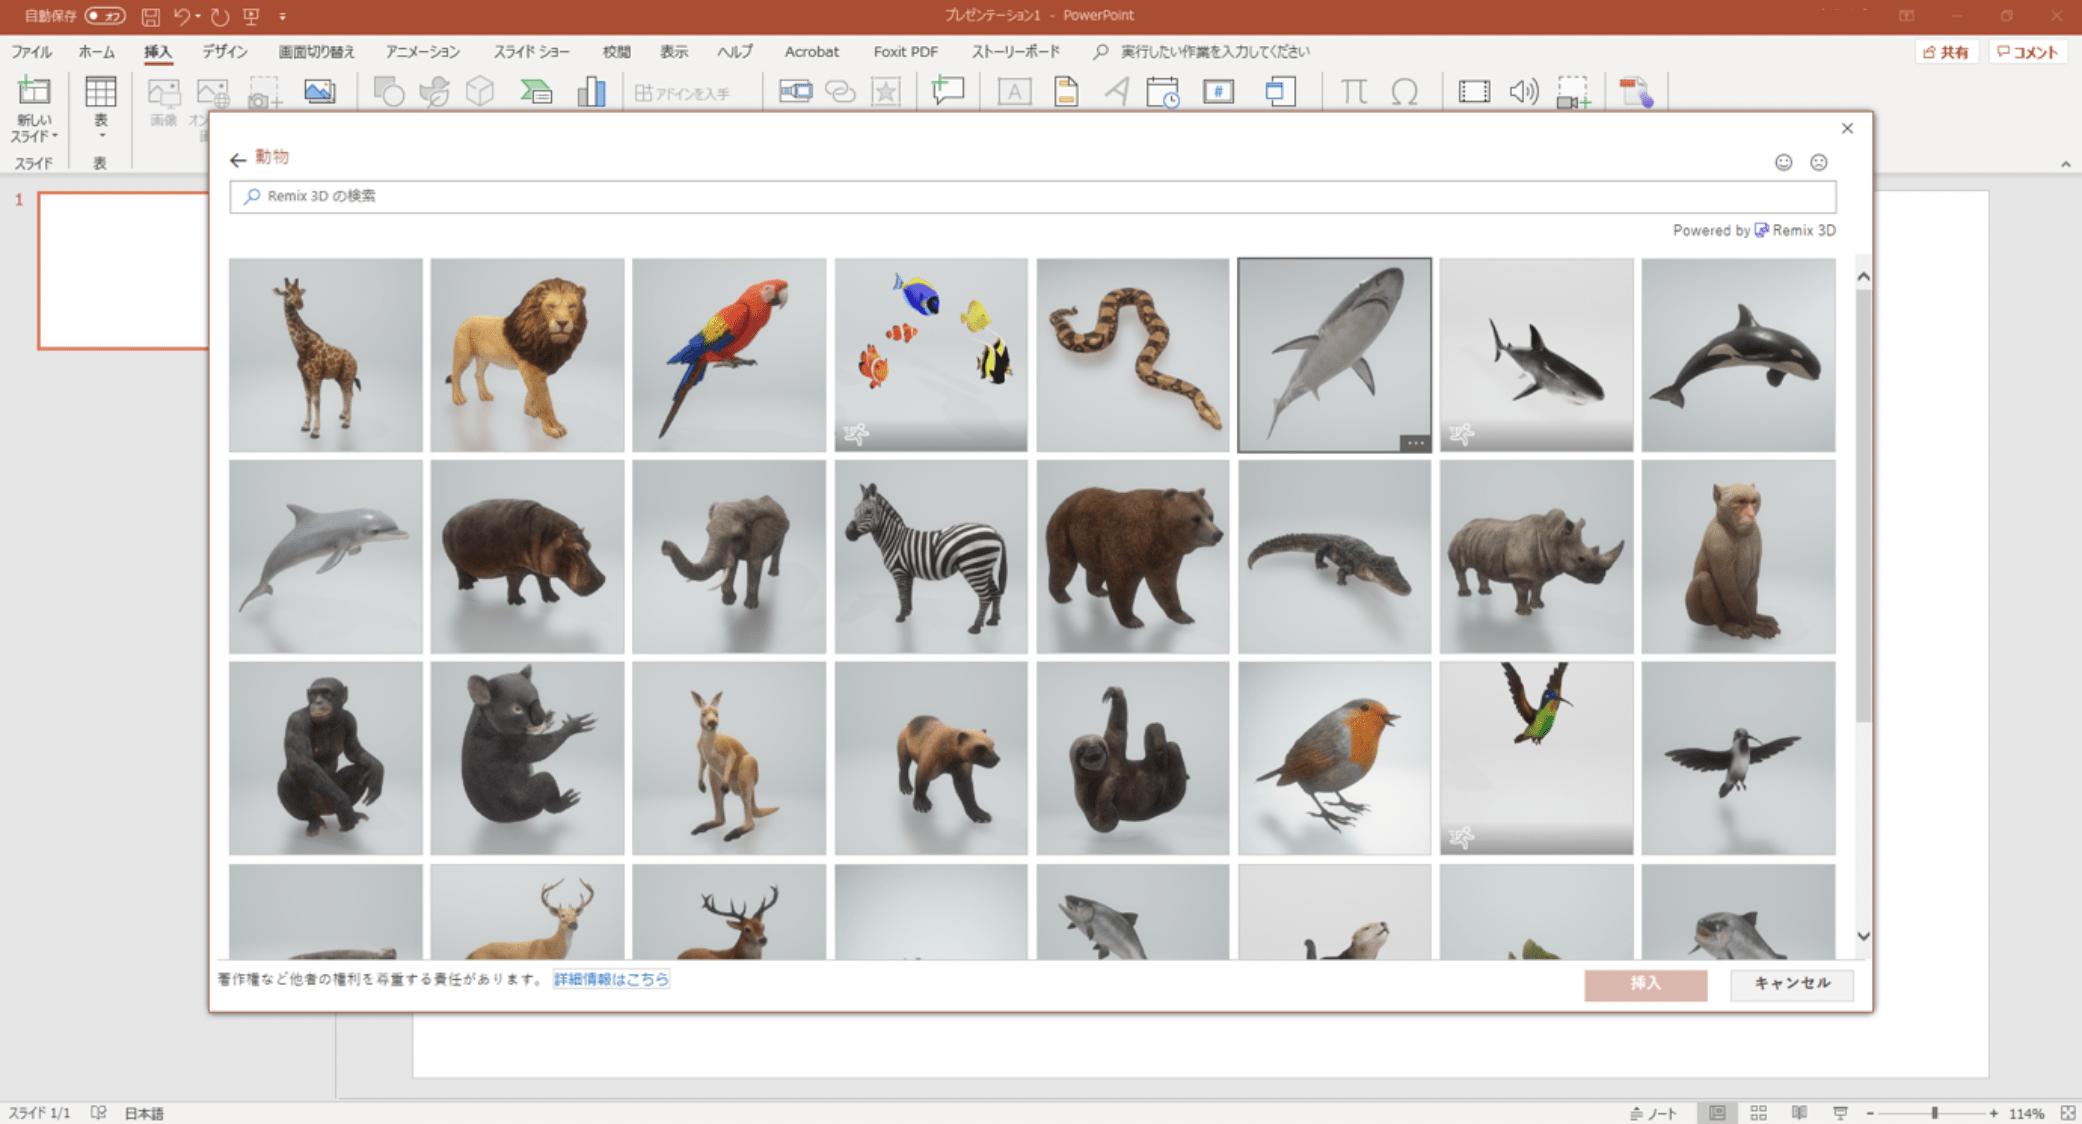 「動物」カテゴリーの3Dモデル一覧画面